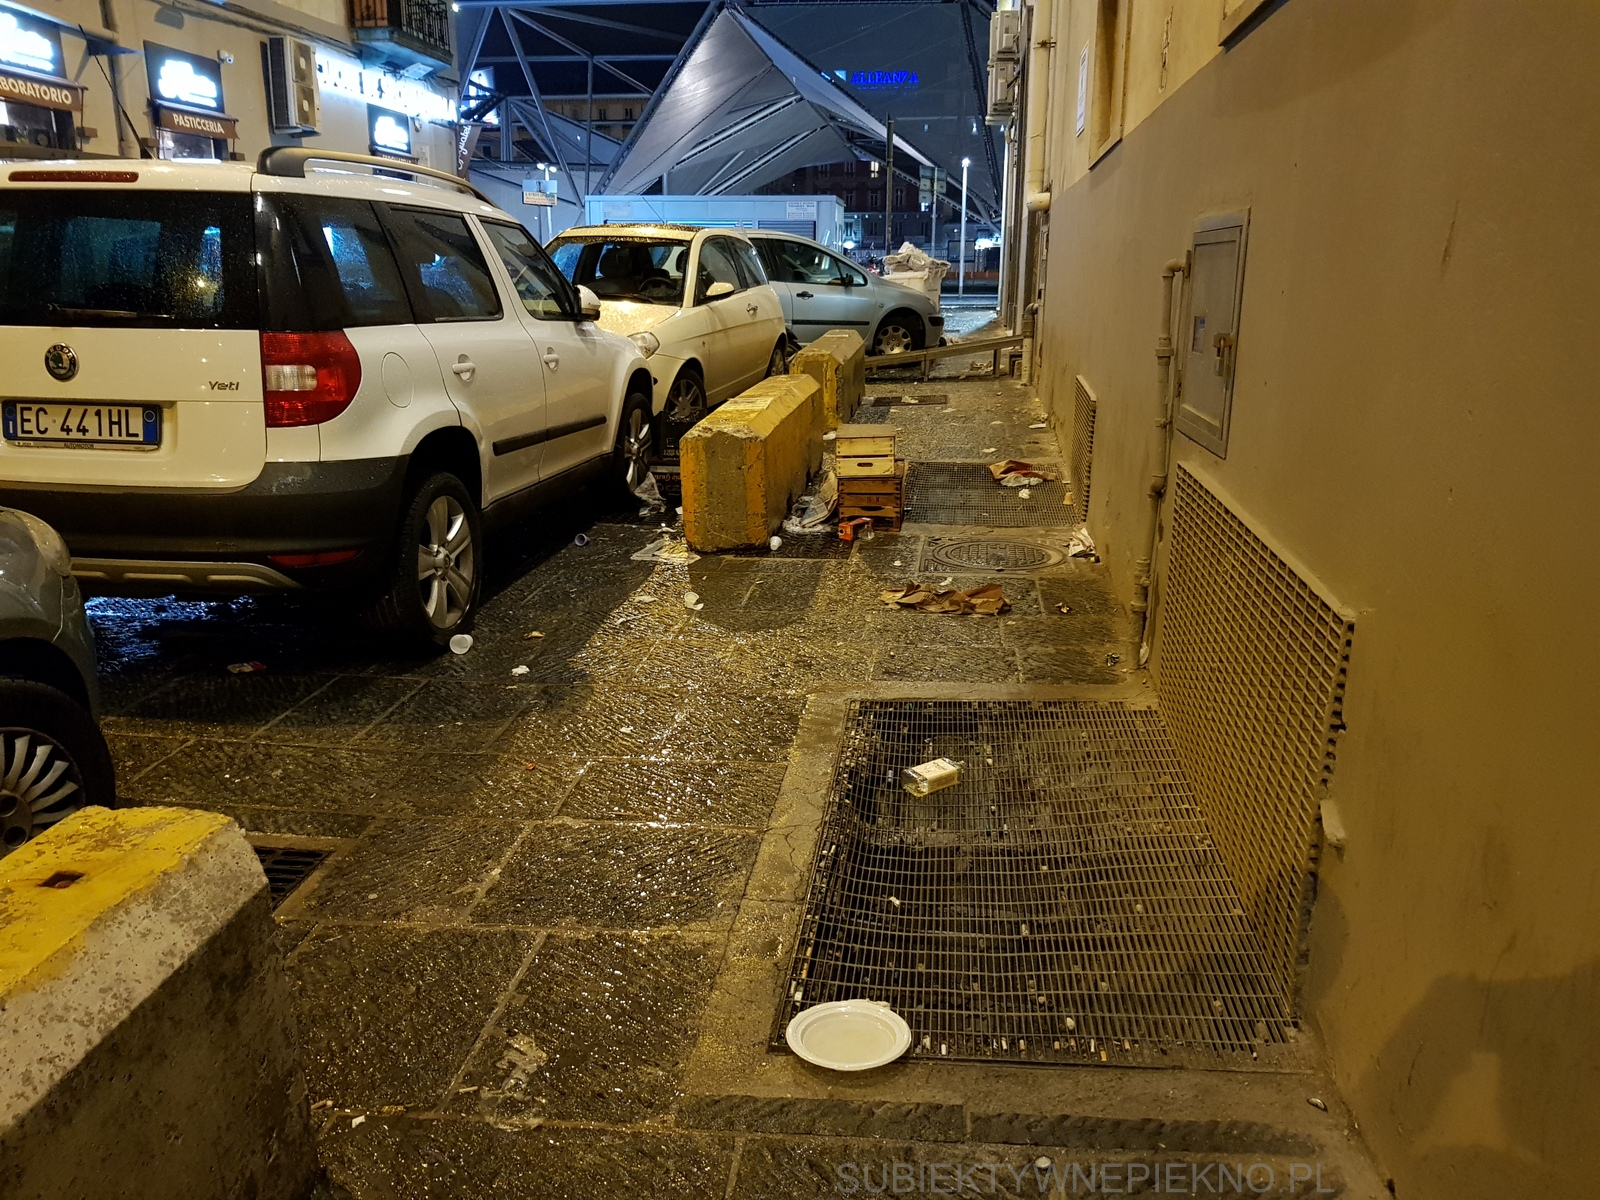 Śmieci na ulicach Neapol Włochy